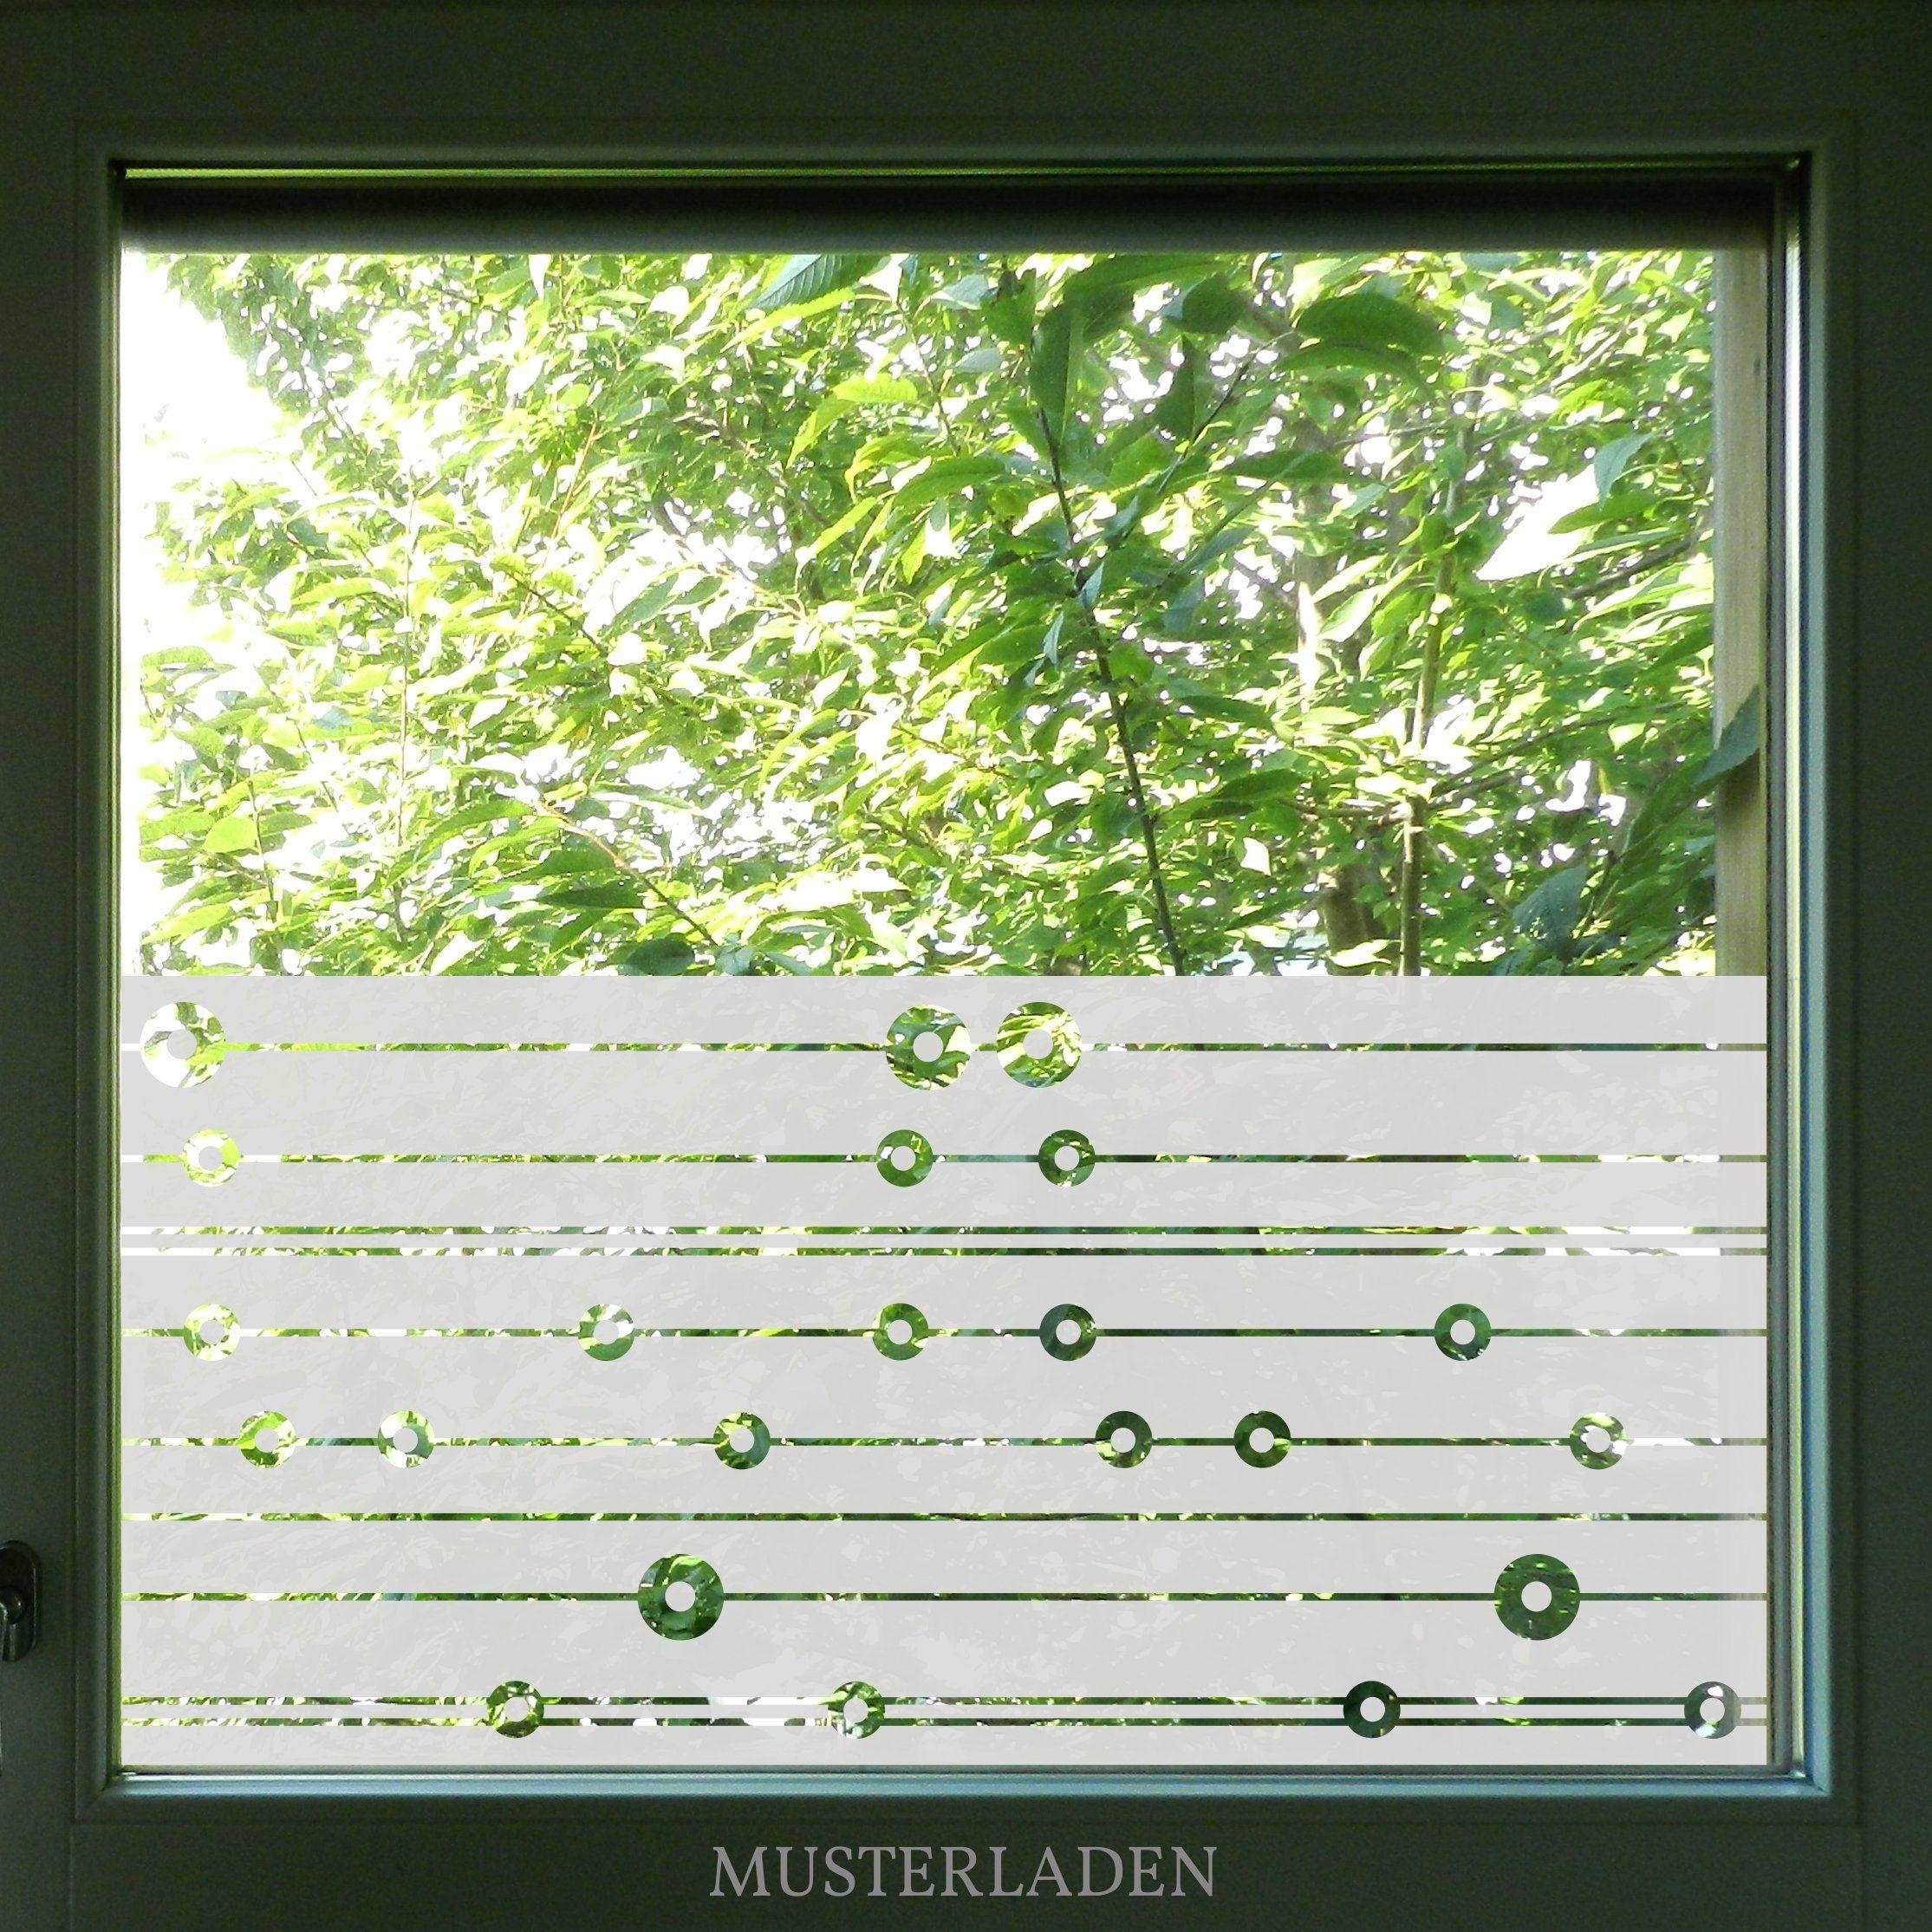 Geometrisches Fenstertattoo Mit Kreisen Und Linien Sichtschutz Fenster Innen Fenstertattoo Fenster Klebefolie